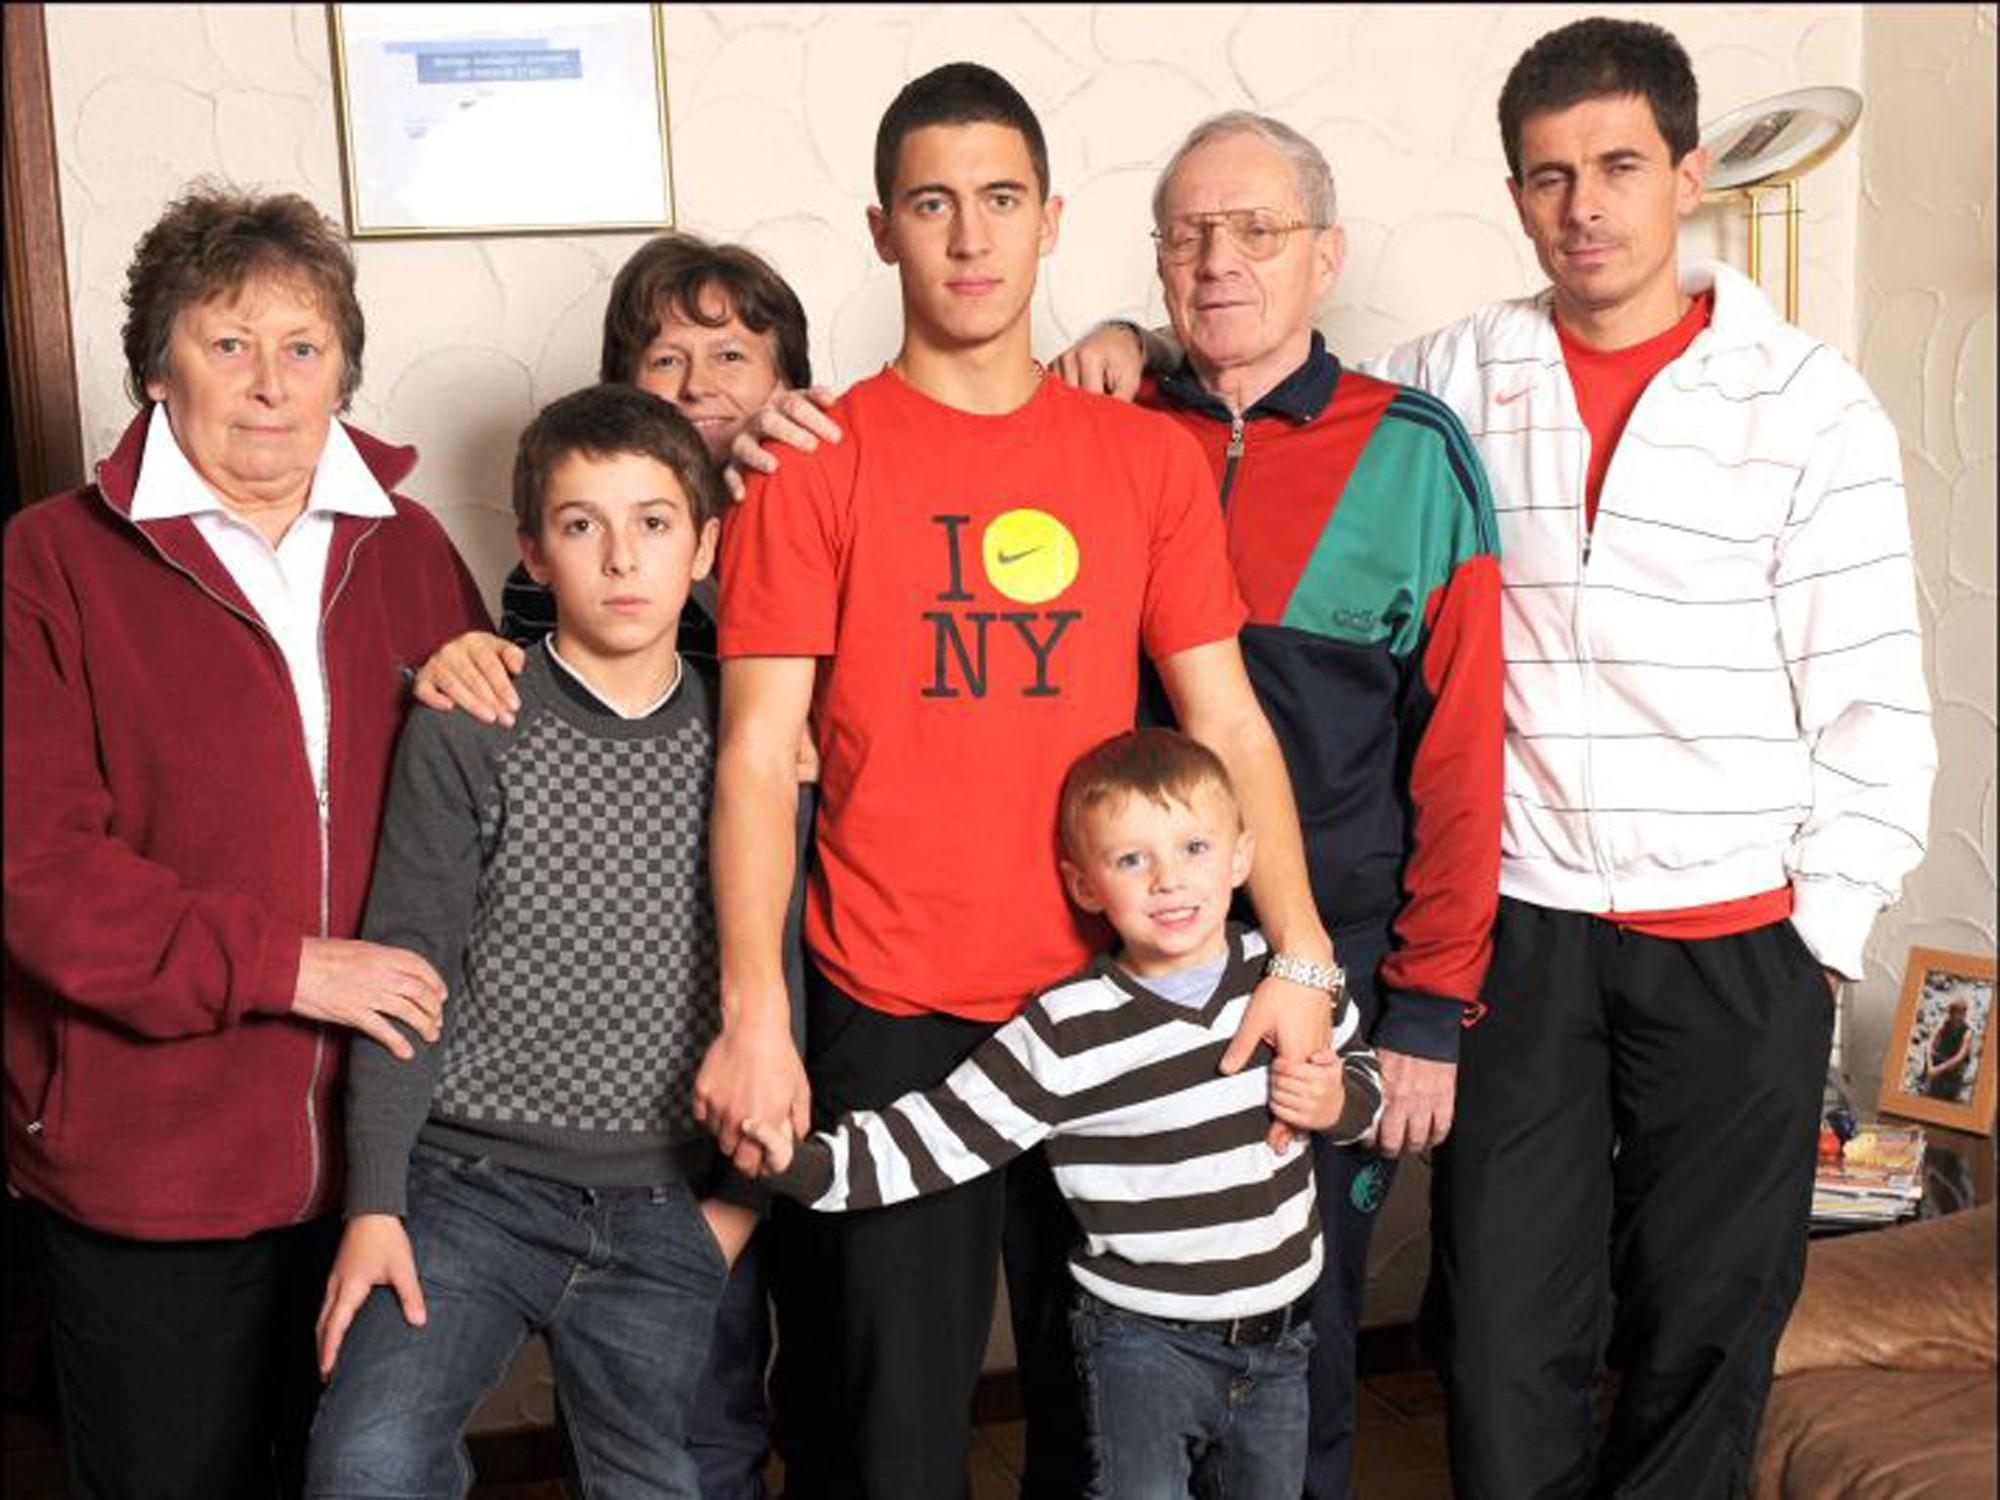 eden hazard - photo 1 1560081219746576159383 - Eden Hazard: Ghi bàn từ trong bụng mẹ, để bước lên đỉnh thế giới cùng Real Madrid